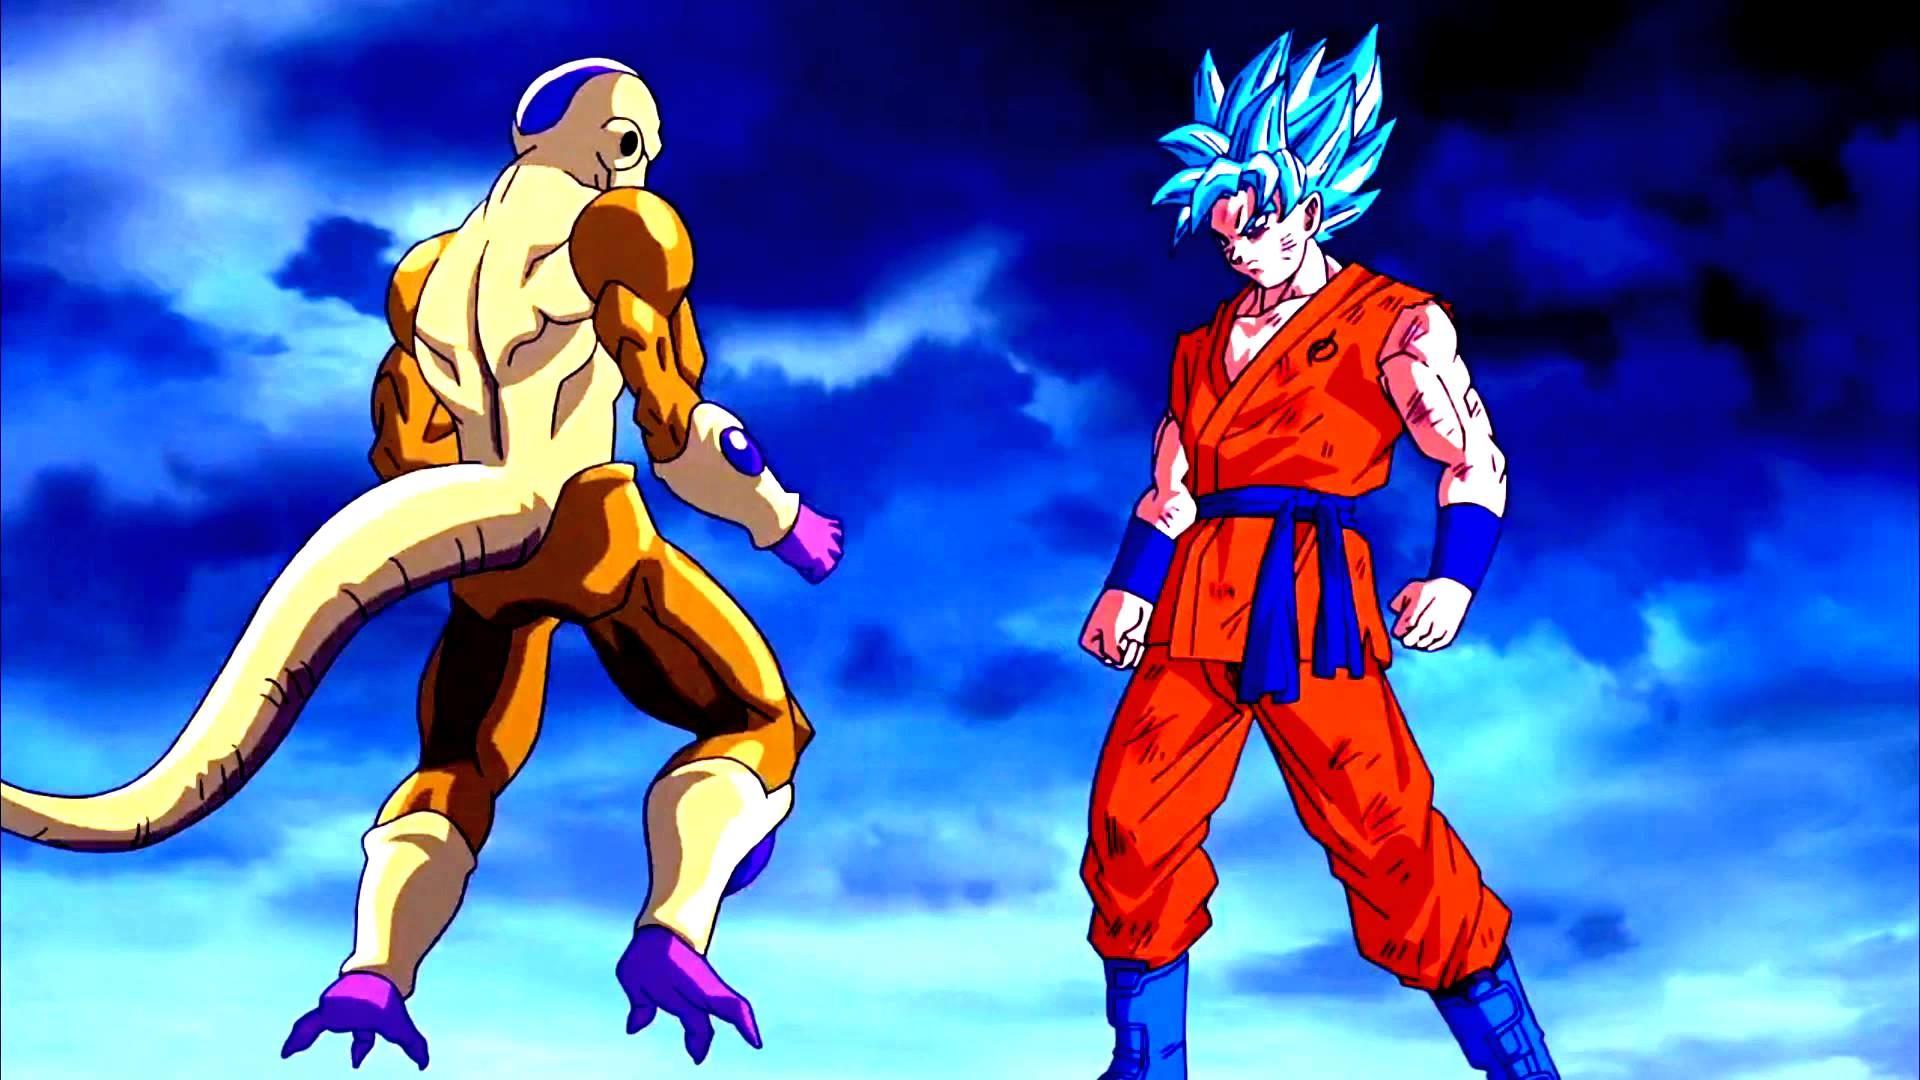 GOKU VS GOLDEN FRIEZA HD